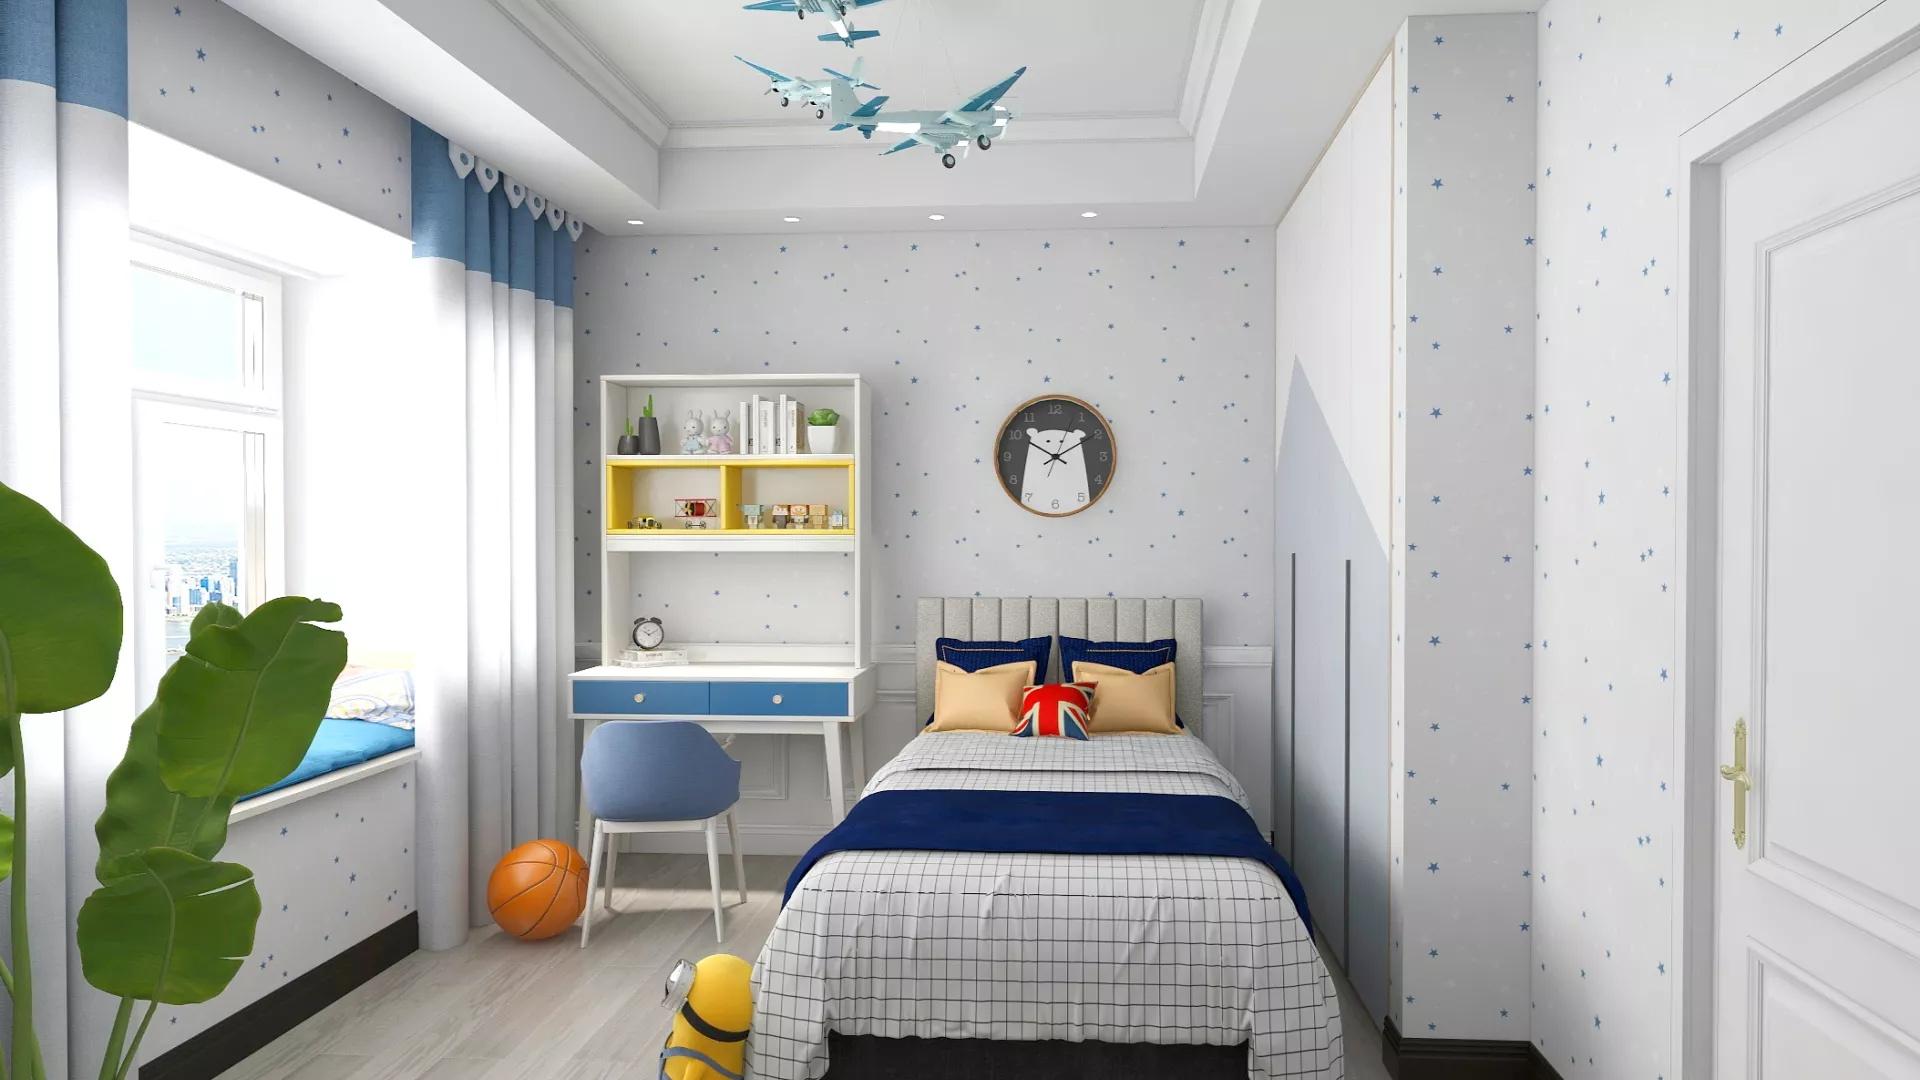 130㎡美式风格蓝色浪漫客厅设计效果图